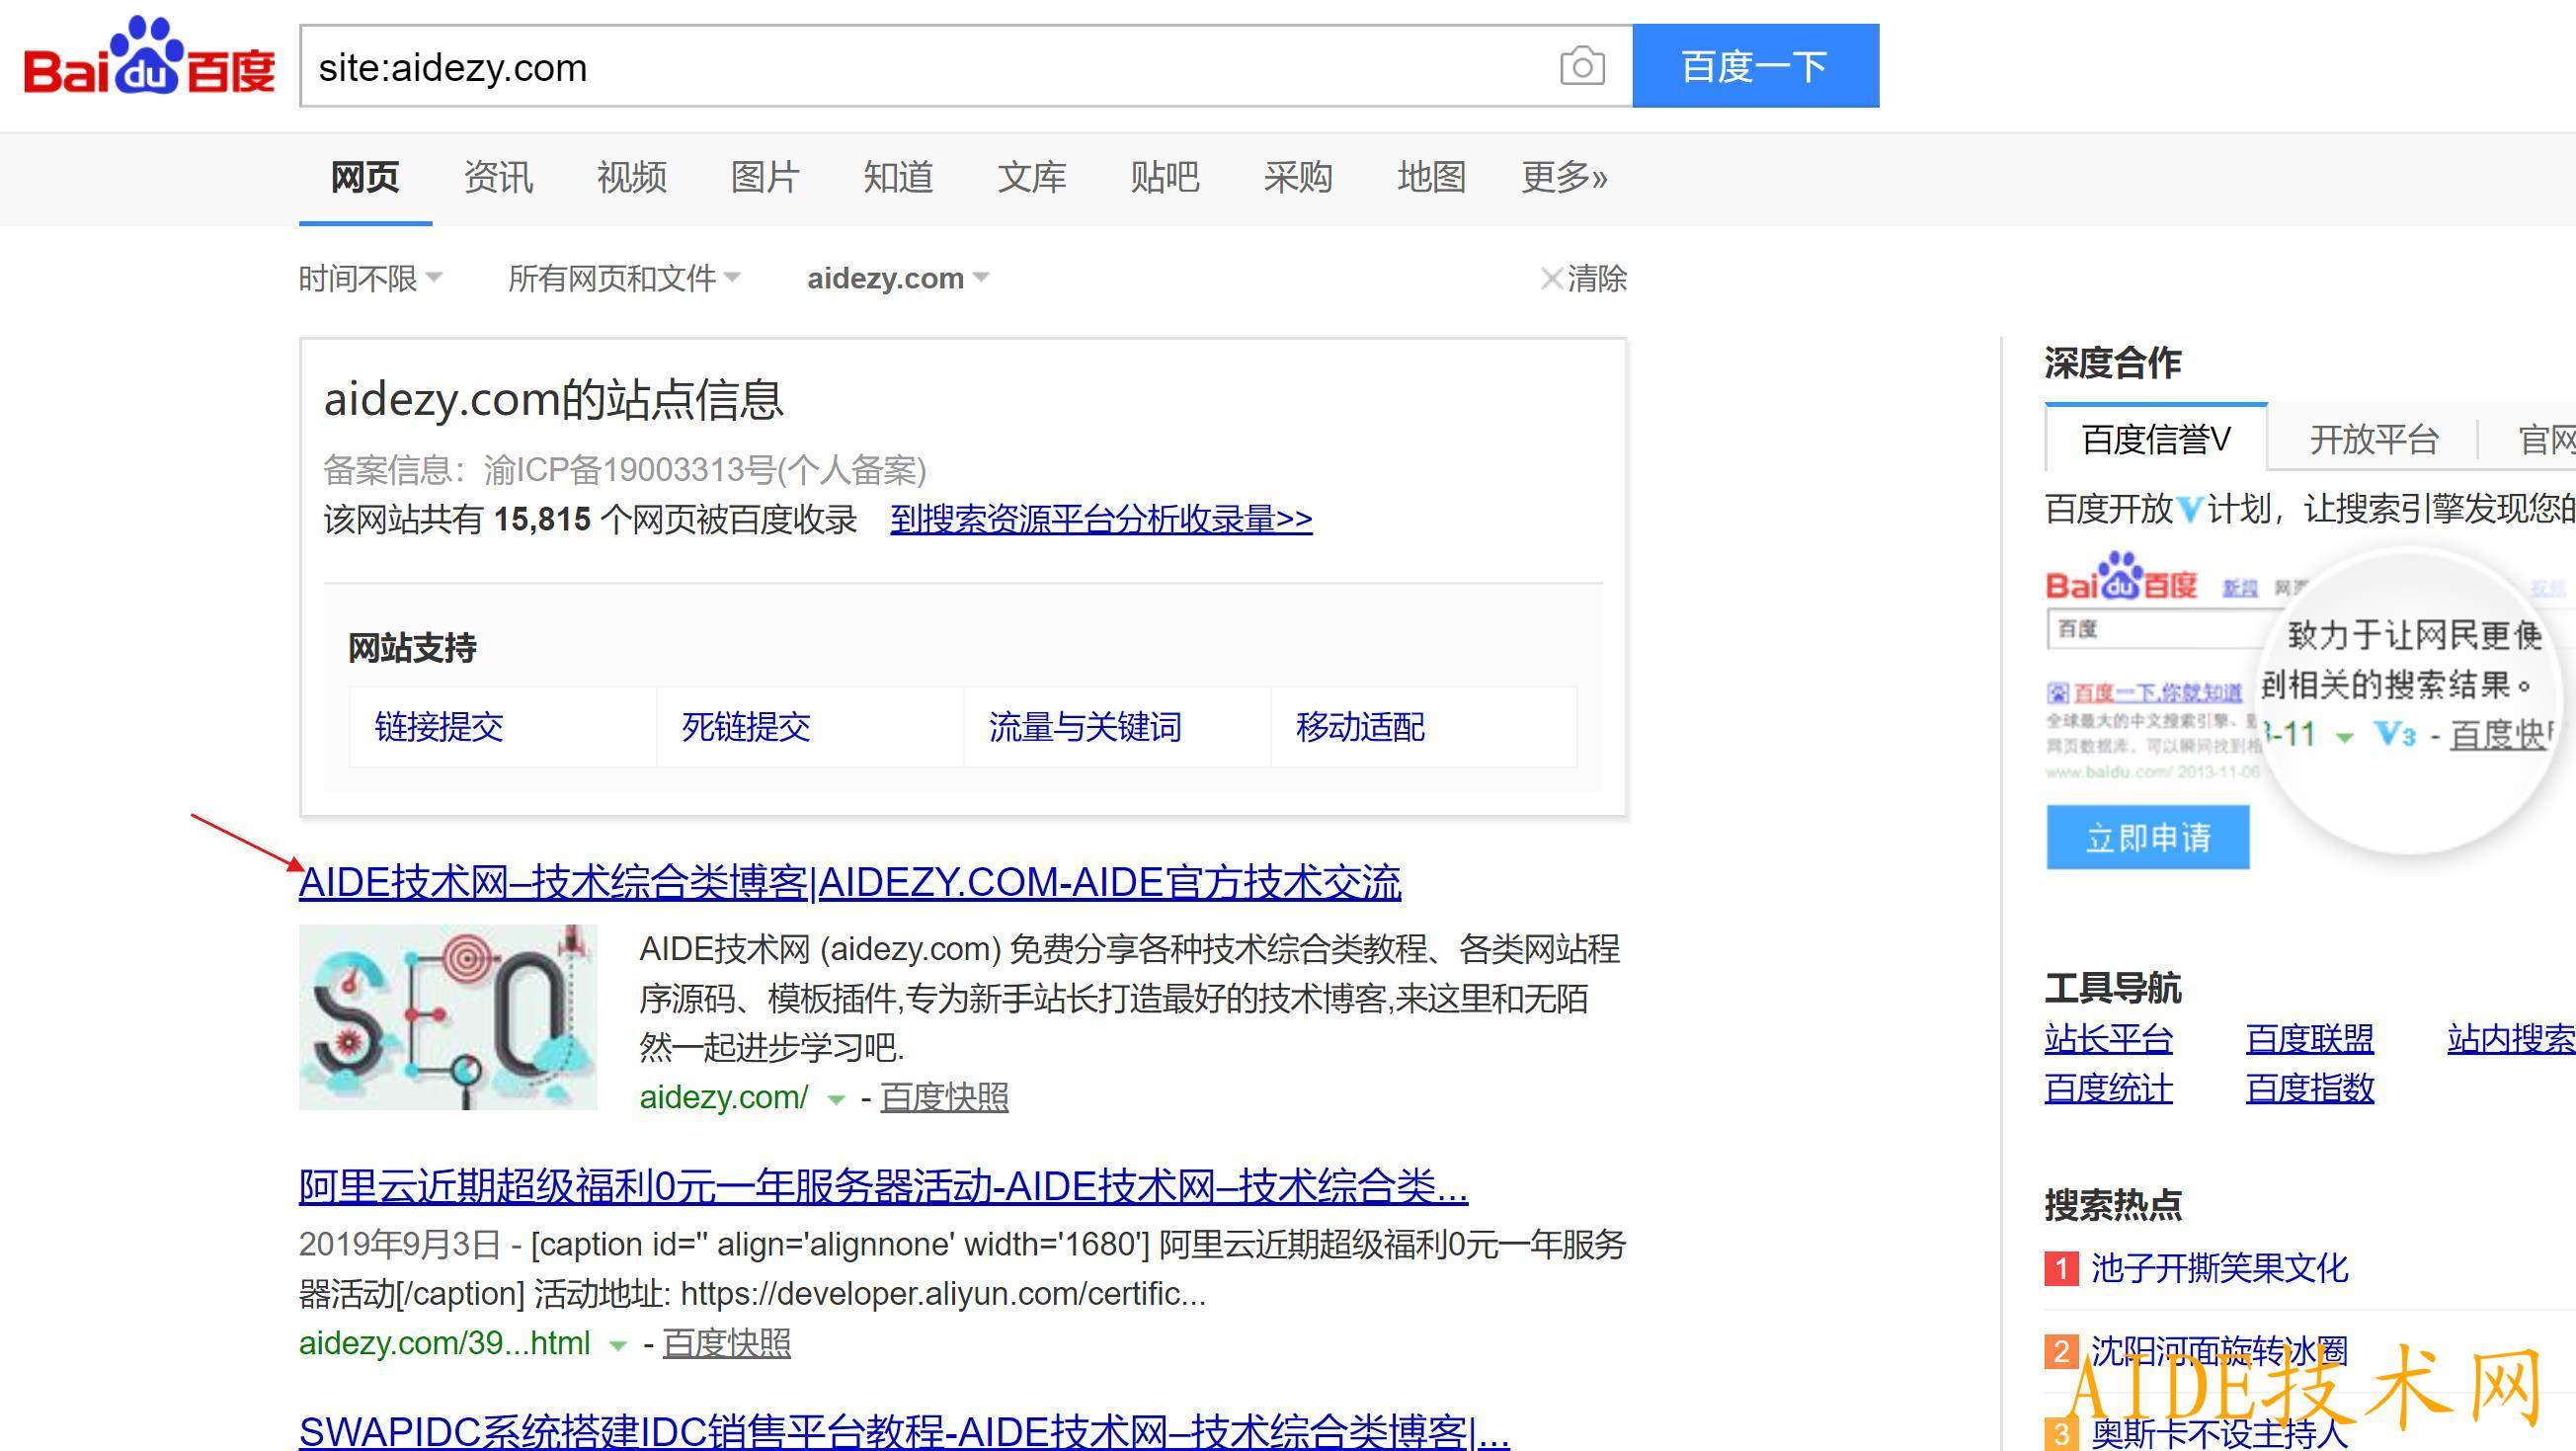 如何修改网站SEO标题不被降权或惩罚?|前言